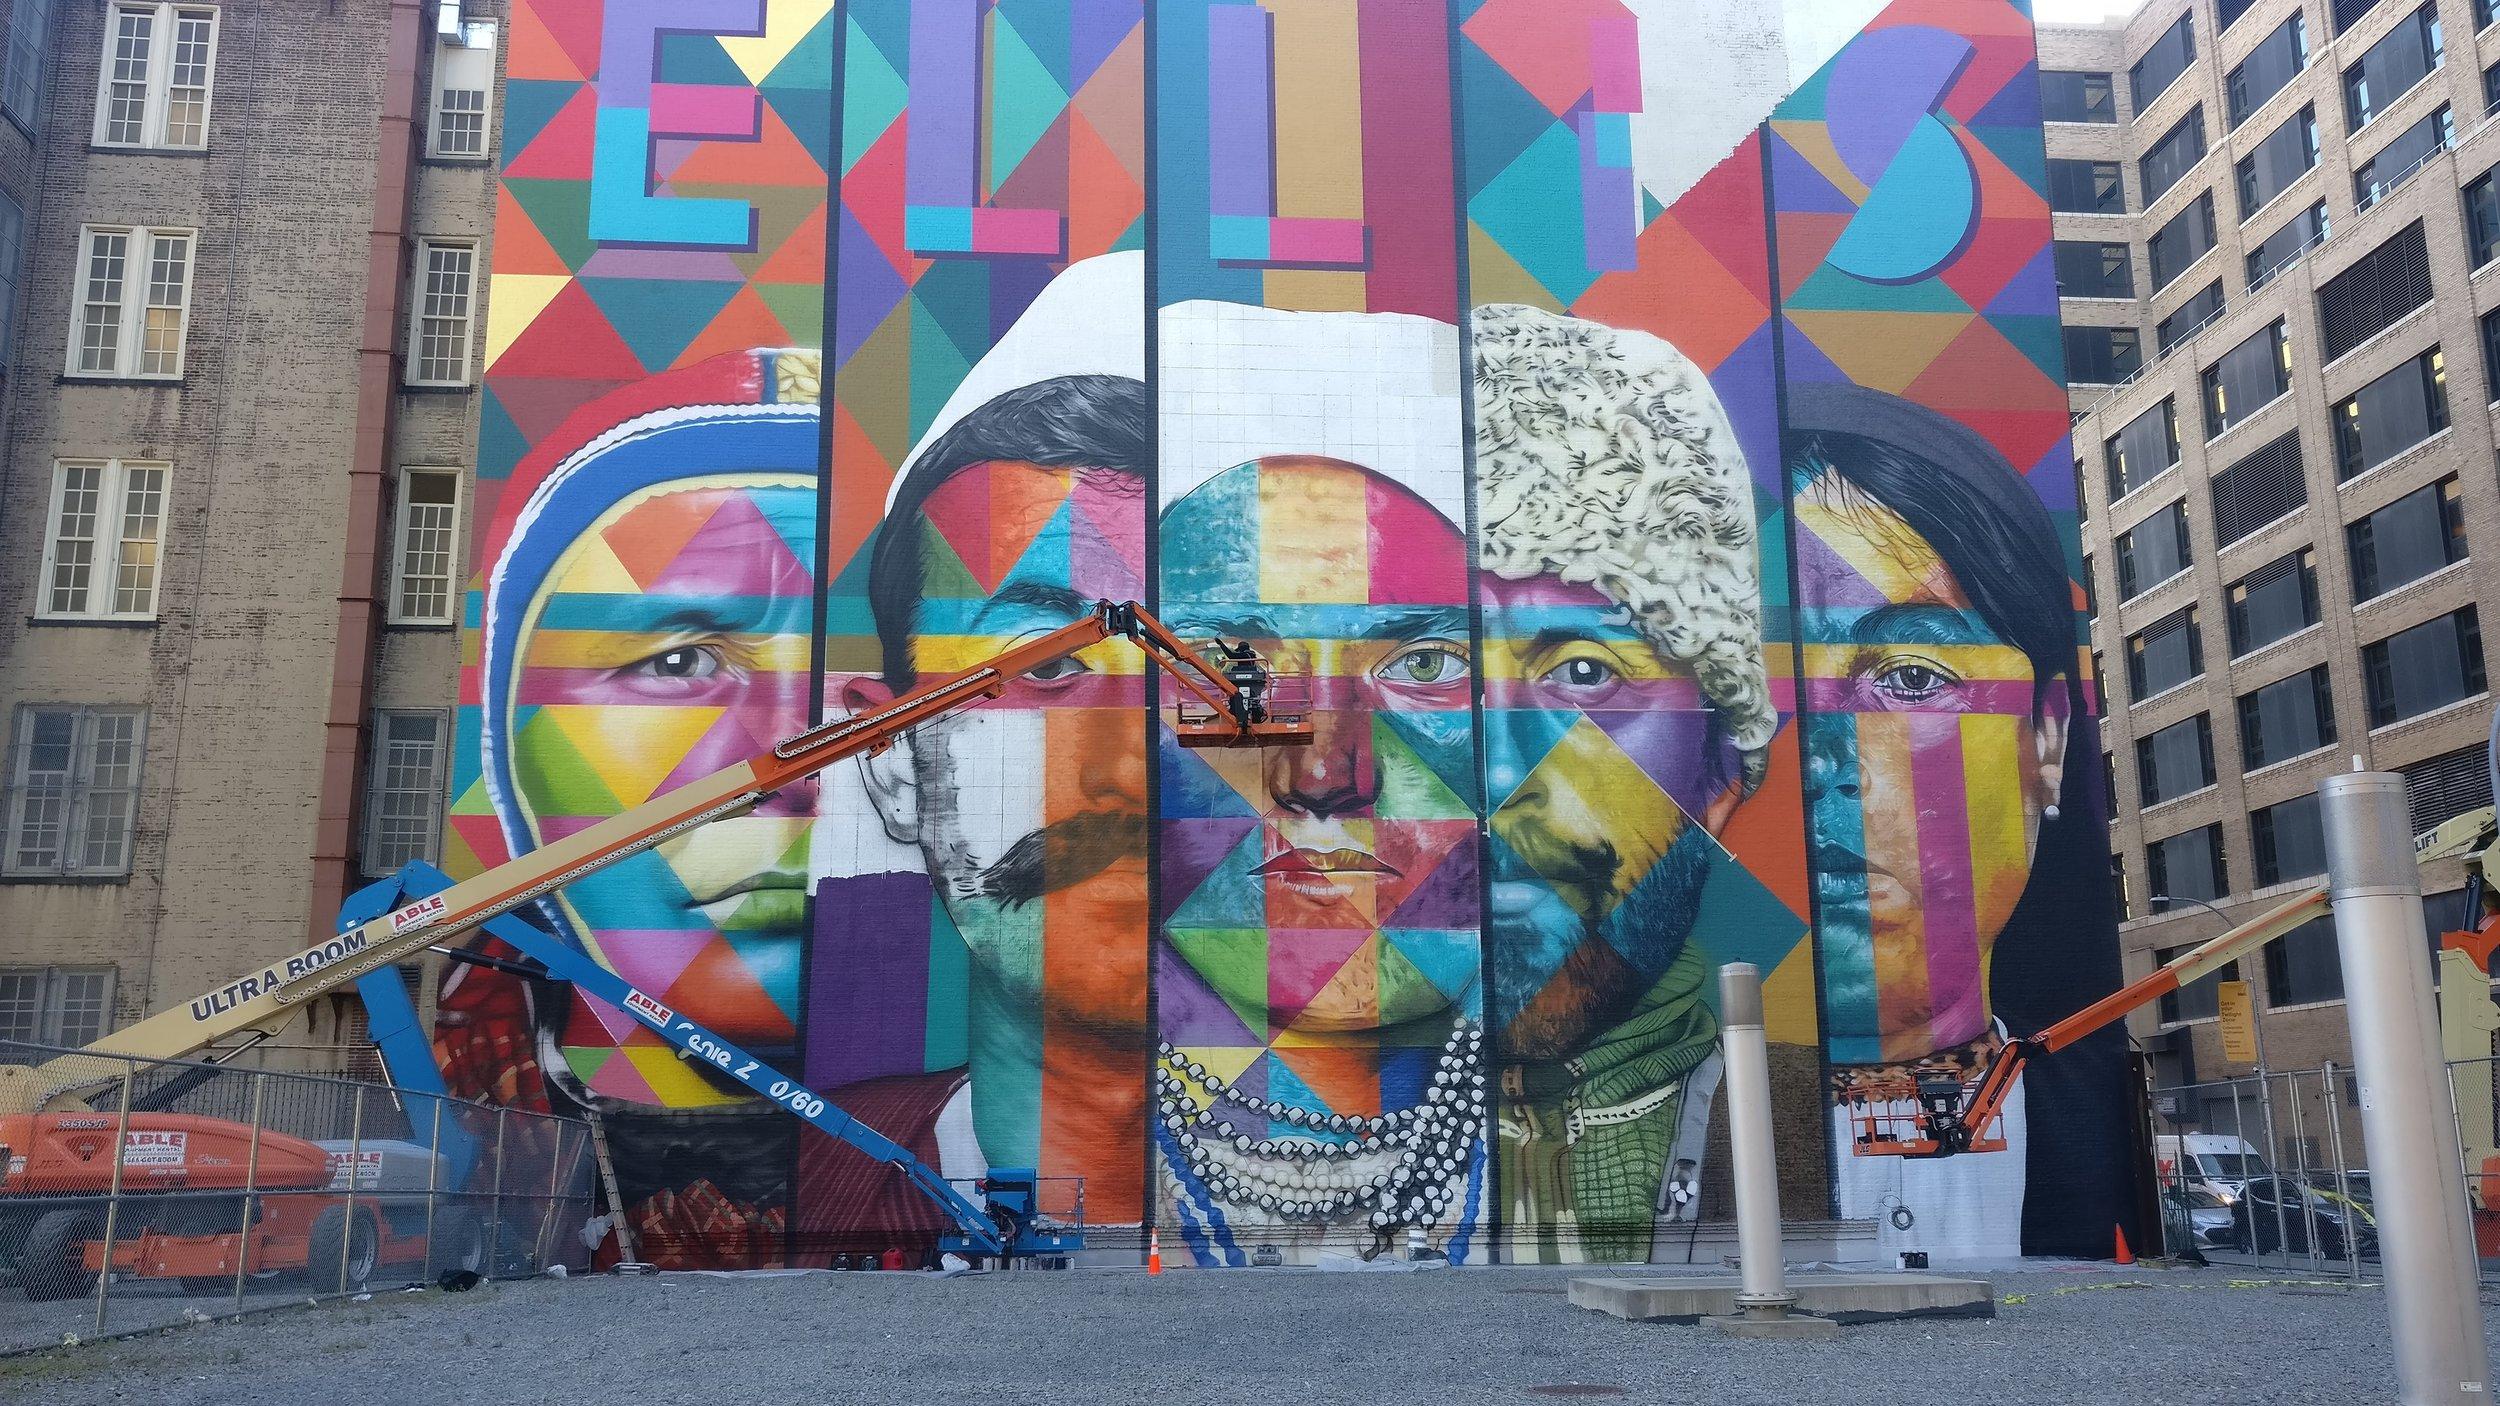 Eduardo Kobran  muraali Manhattanin West Villagessa pohjaa viiteen aitoon valokuvaan Ellis Island maahanmuuttomuseon arkistoista. Kuvissa on eri ikäisiä ja -taustaisia maahanmuuttaja, jotka ovat saapuneet New Yorkiin sata vuotta sitten, silloisen Ellis Island -vastaanottokeskuksen kautta. Kyseessä on suurin 'Colors For Freedom' nimisen muraalisarjan maalauksista. (P.S. Ellis Islandin valtava maahanmuuttomuseo oli yksi koko New Yorkin matkani vaikuttavimpia kokemuksia - suosittelen skippaamaan veneretkeen kuuluvan vapaudenpatsaan ja viettämään koko päivän museossa.)